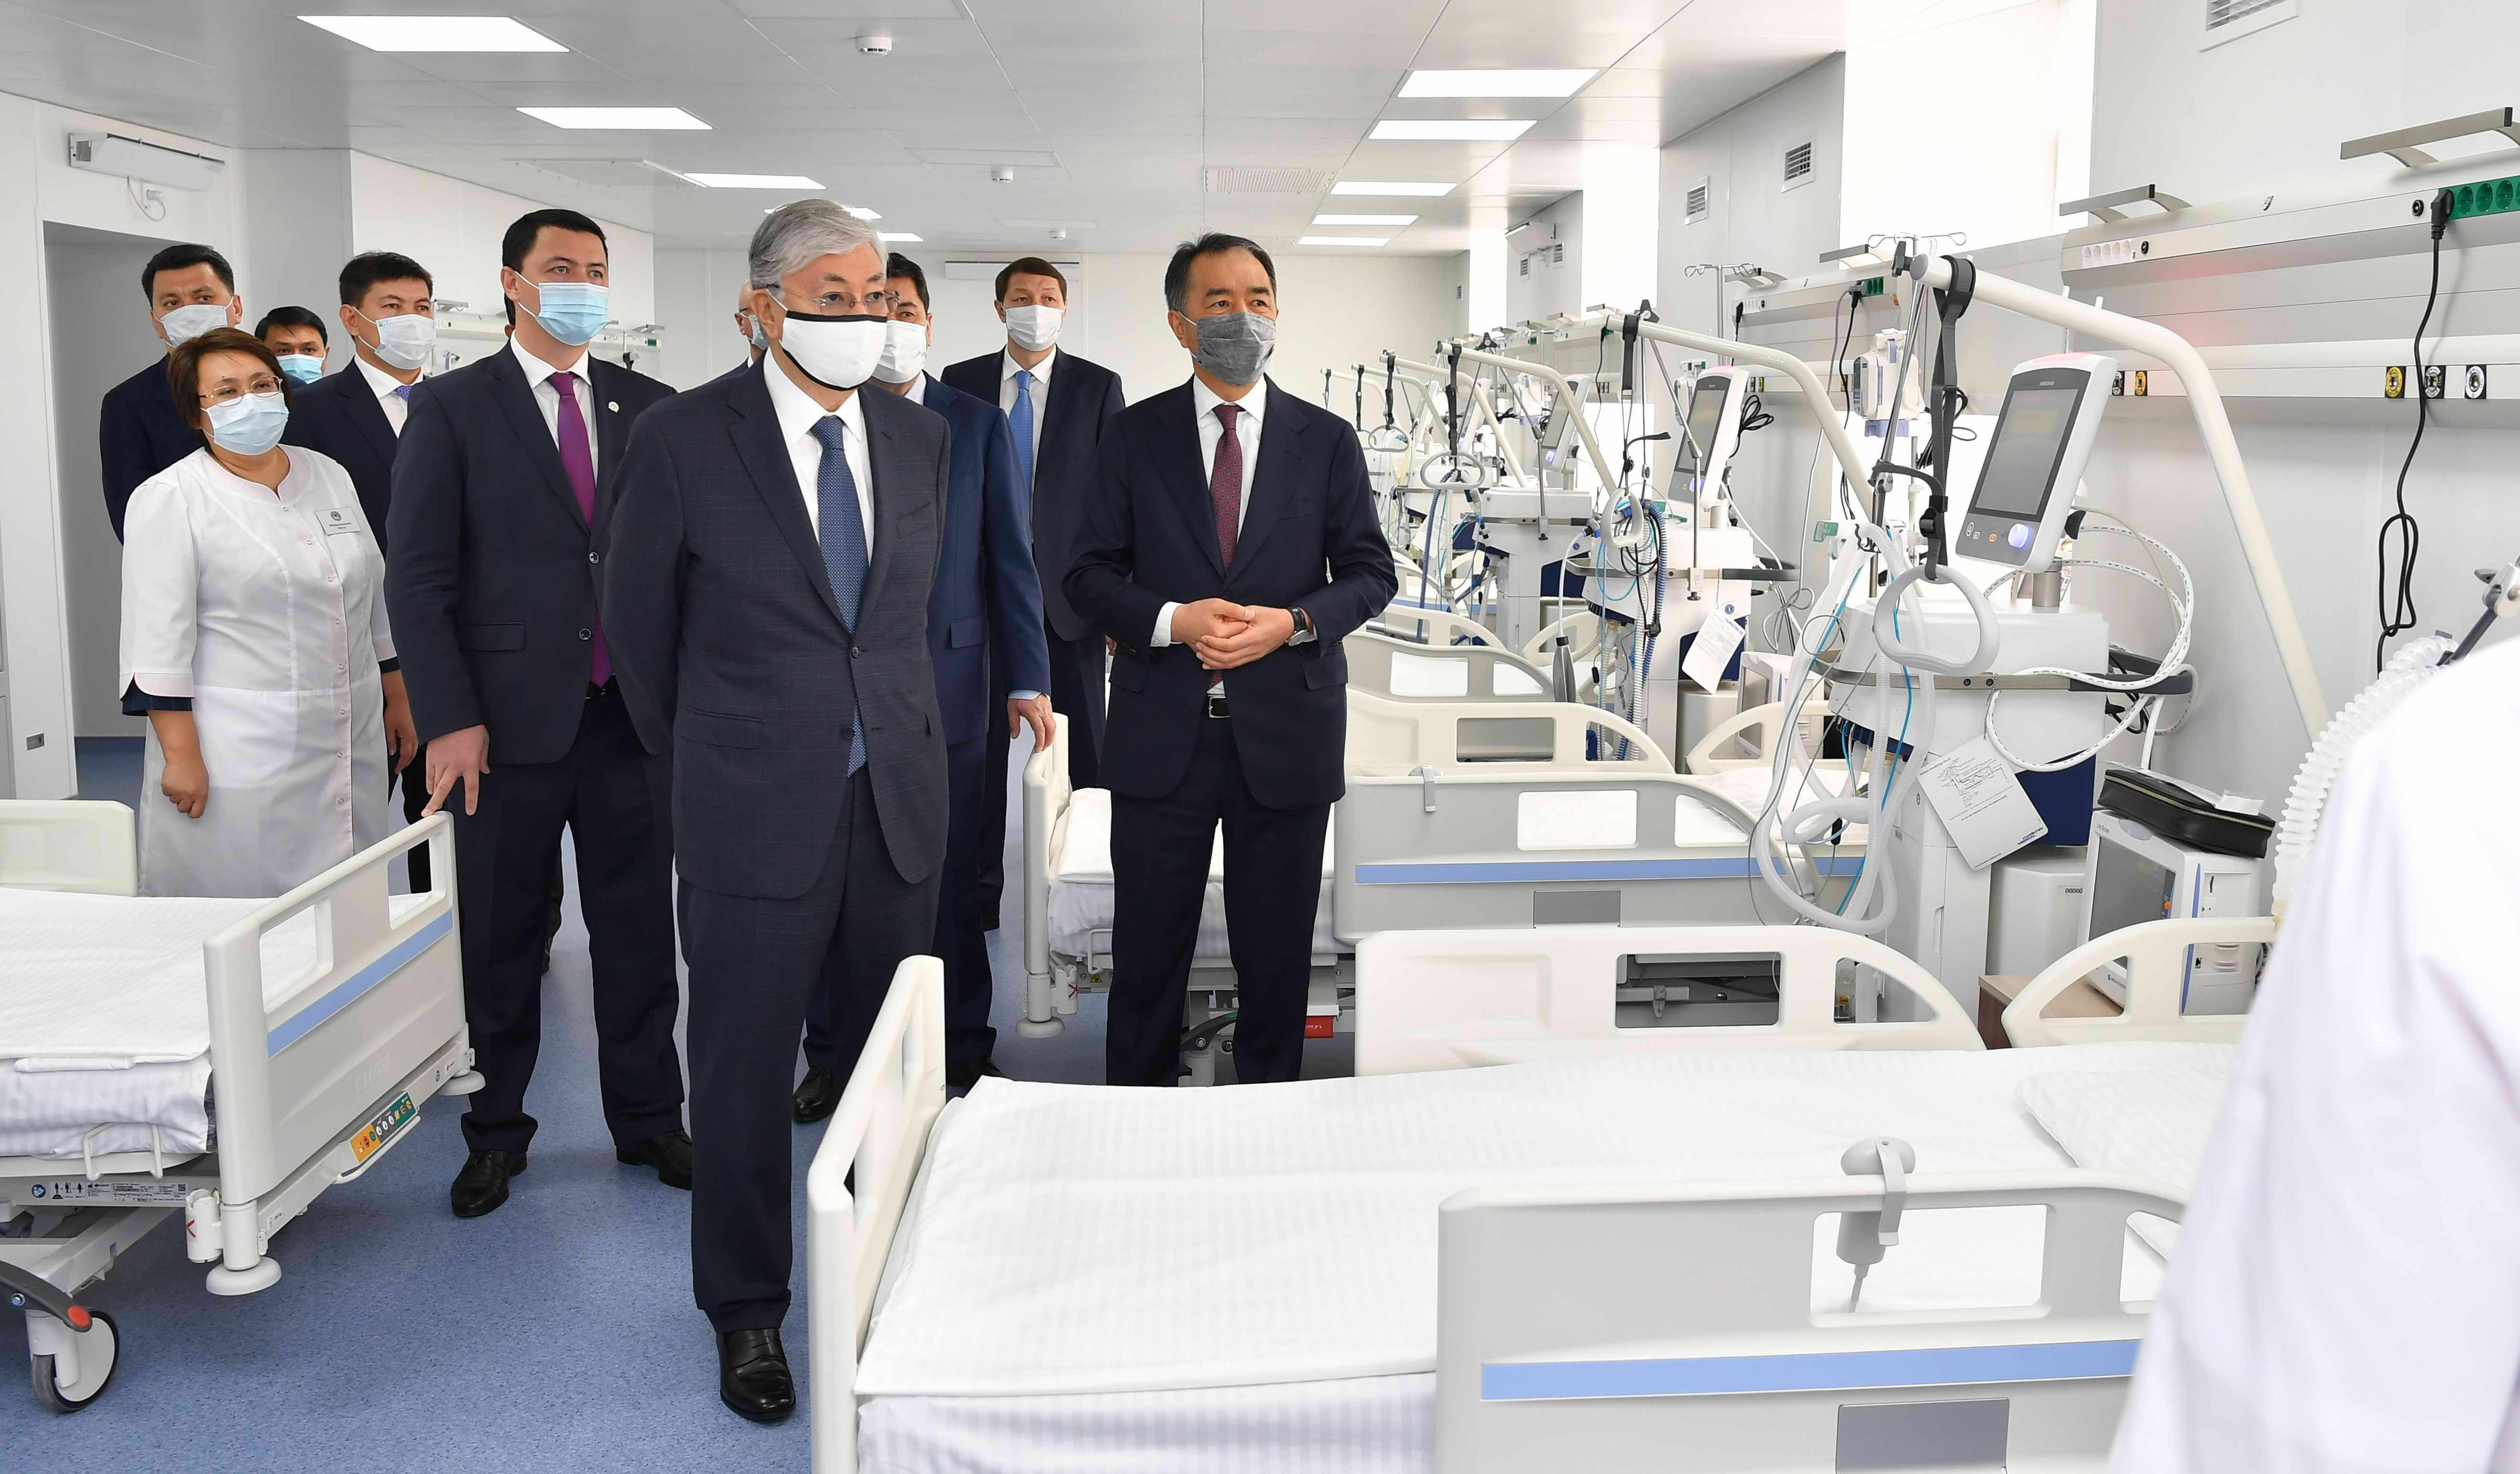 Медицина будет находиться в сфере пристального внимания - Президент 441391 - Kapital.kz